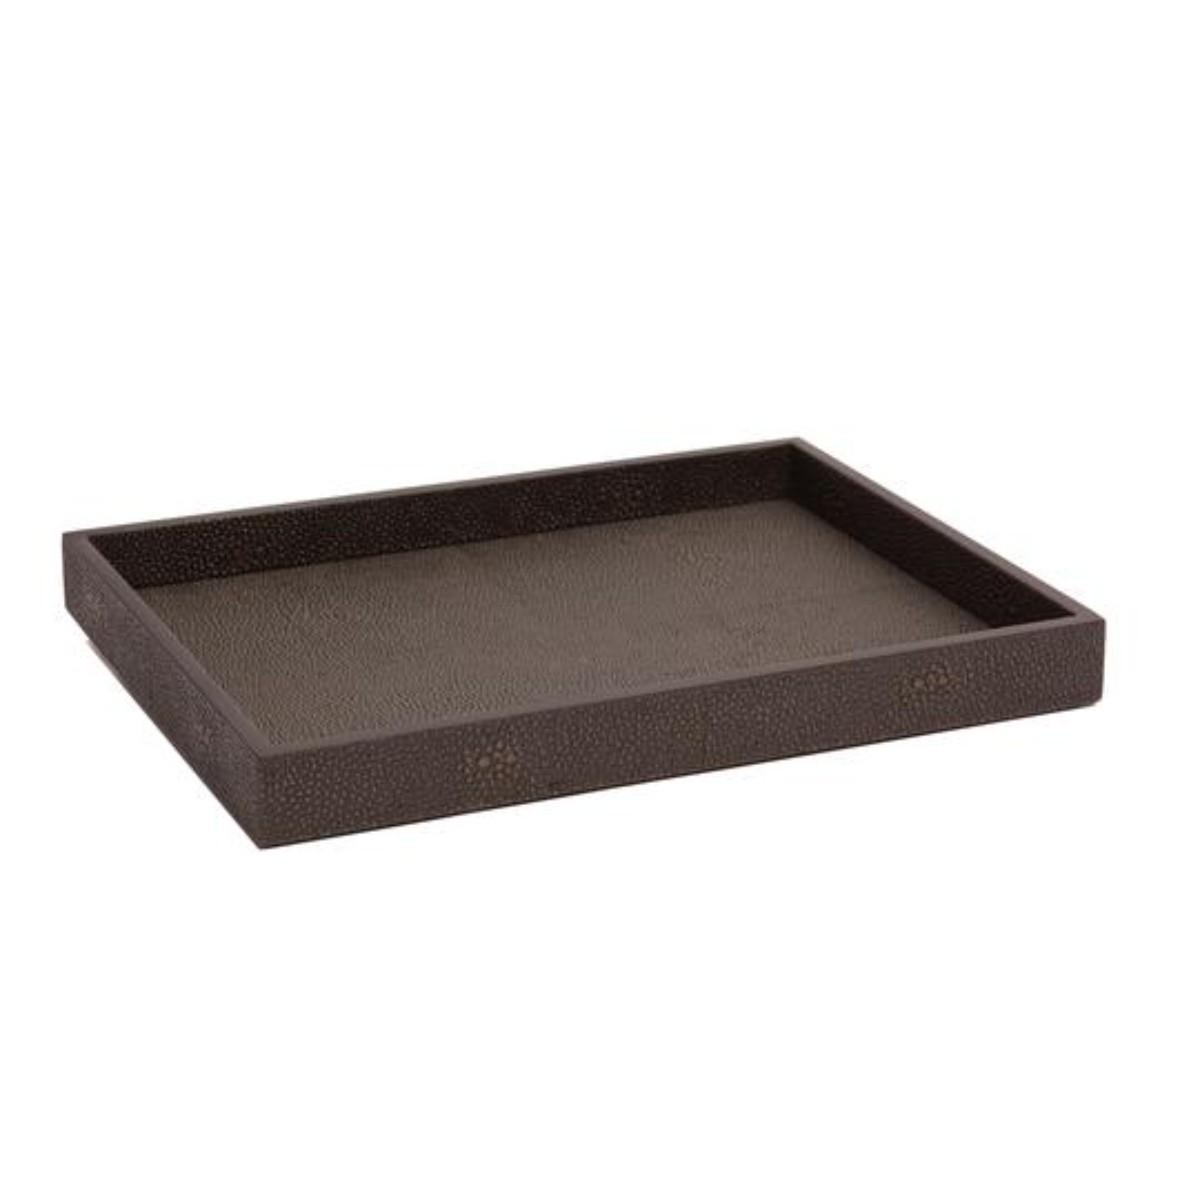 Posh Trading I Chelsea Medium Tray | Chocolate Shagreen